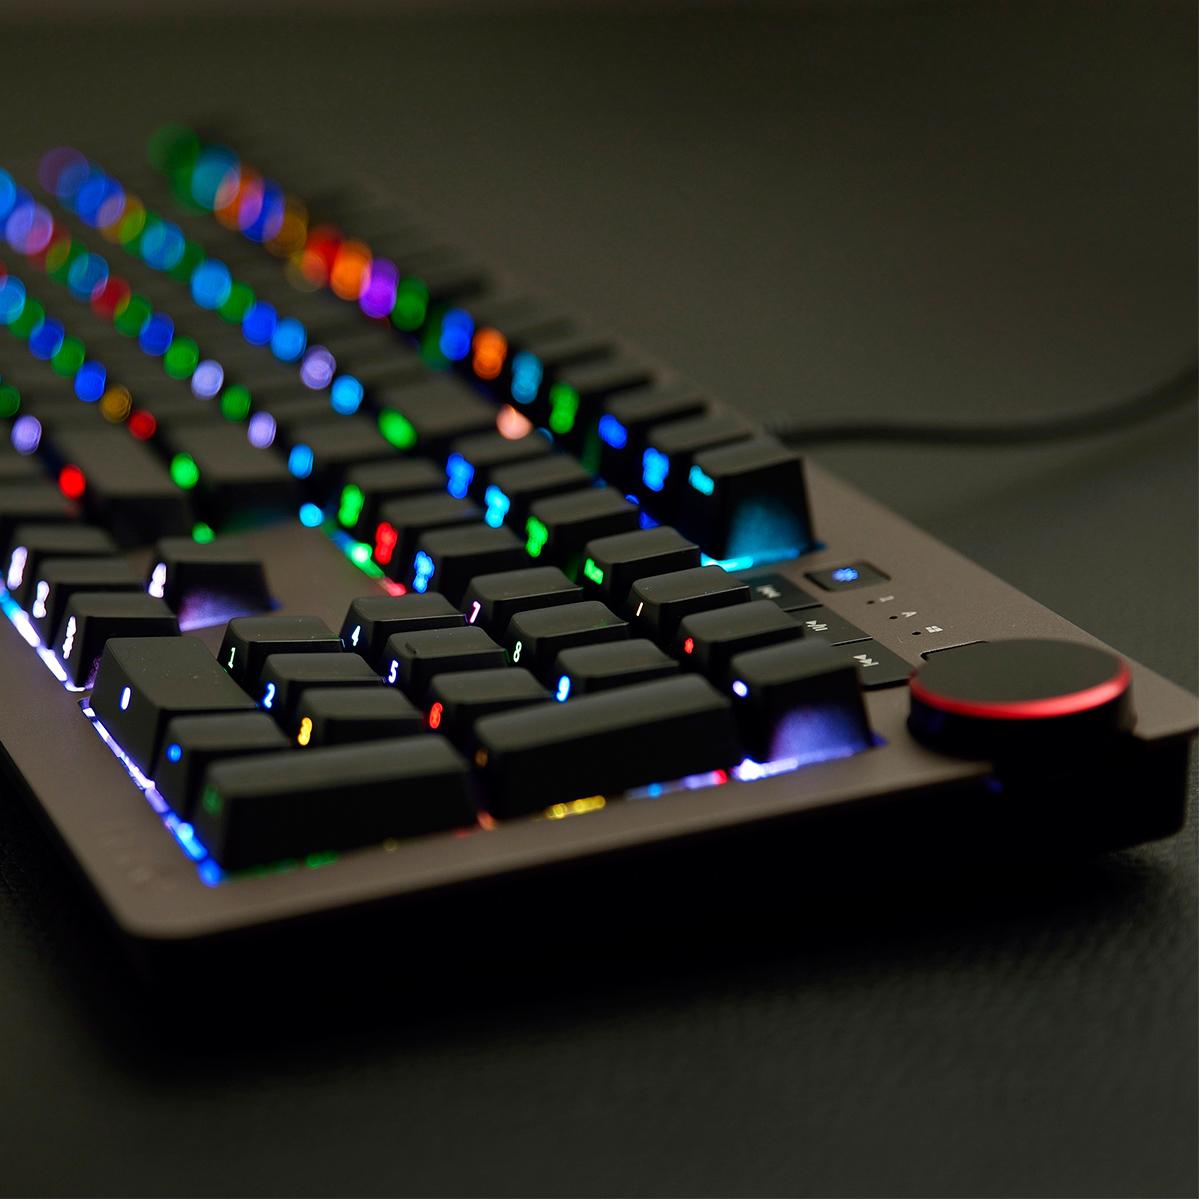 官方旗艦店 黑爵AK60櫻桃cherry機械鍵盤青軸黑軸茶軸RGB遊戲電腦